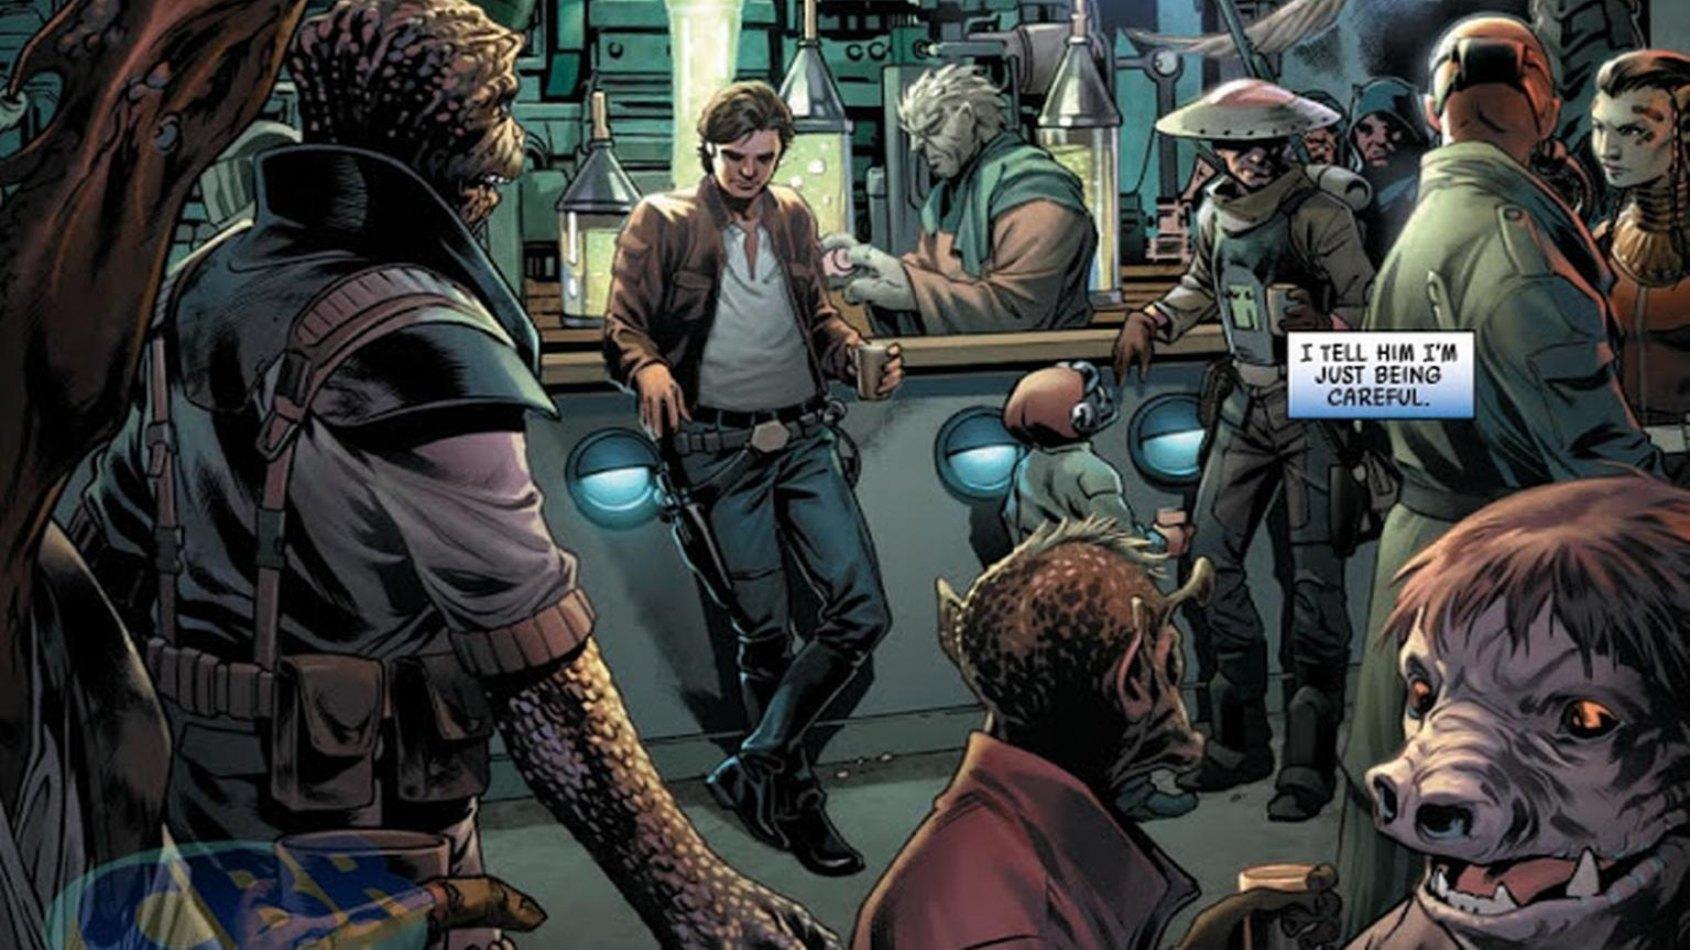 De nouvelles images pour le Comic Han Solo #1